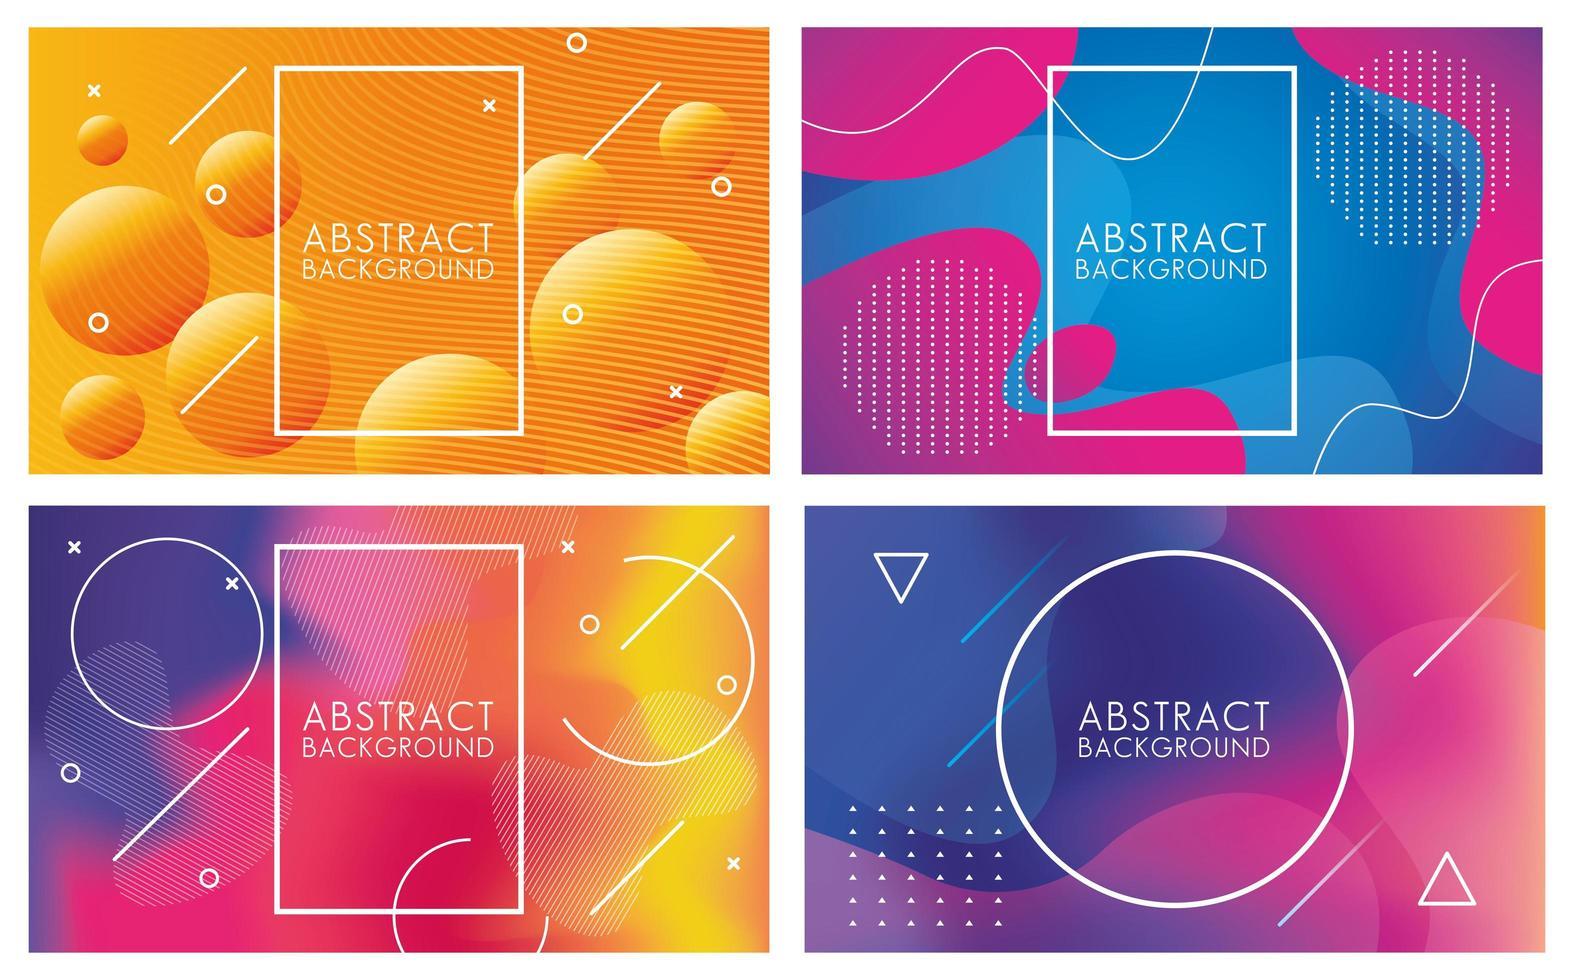 vloeistoffen set veelkleurige abstracte achtergronden vector